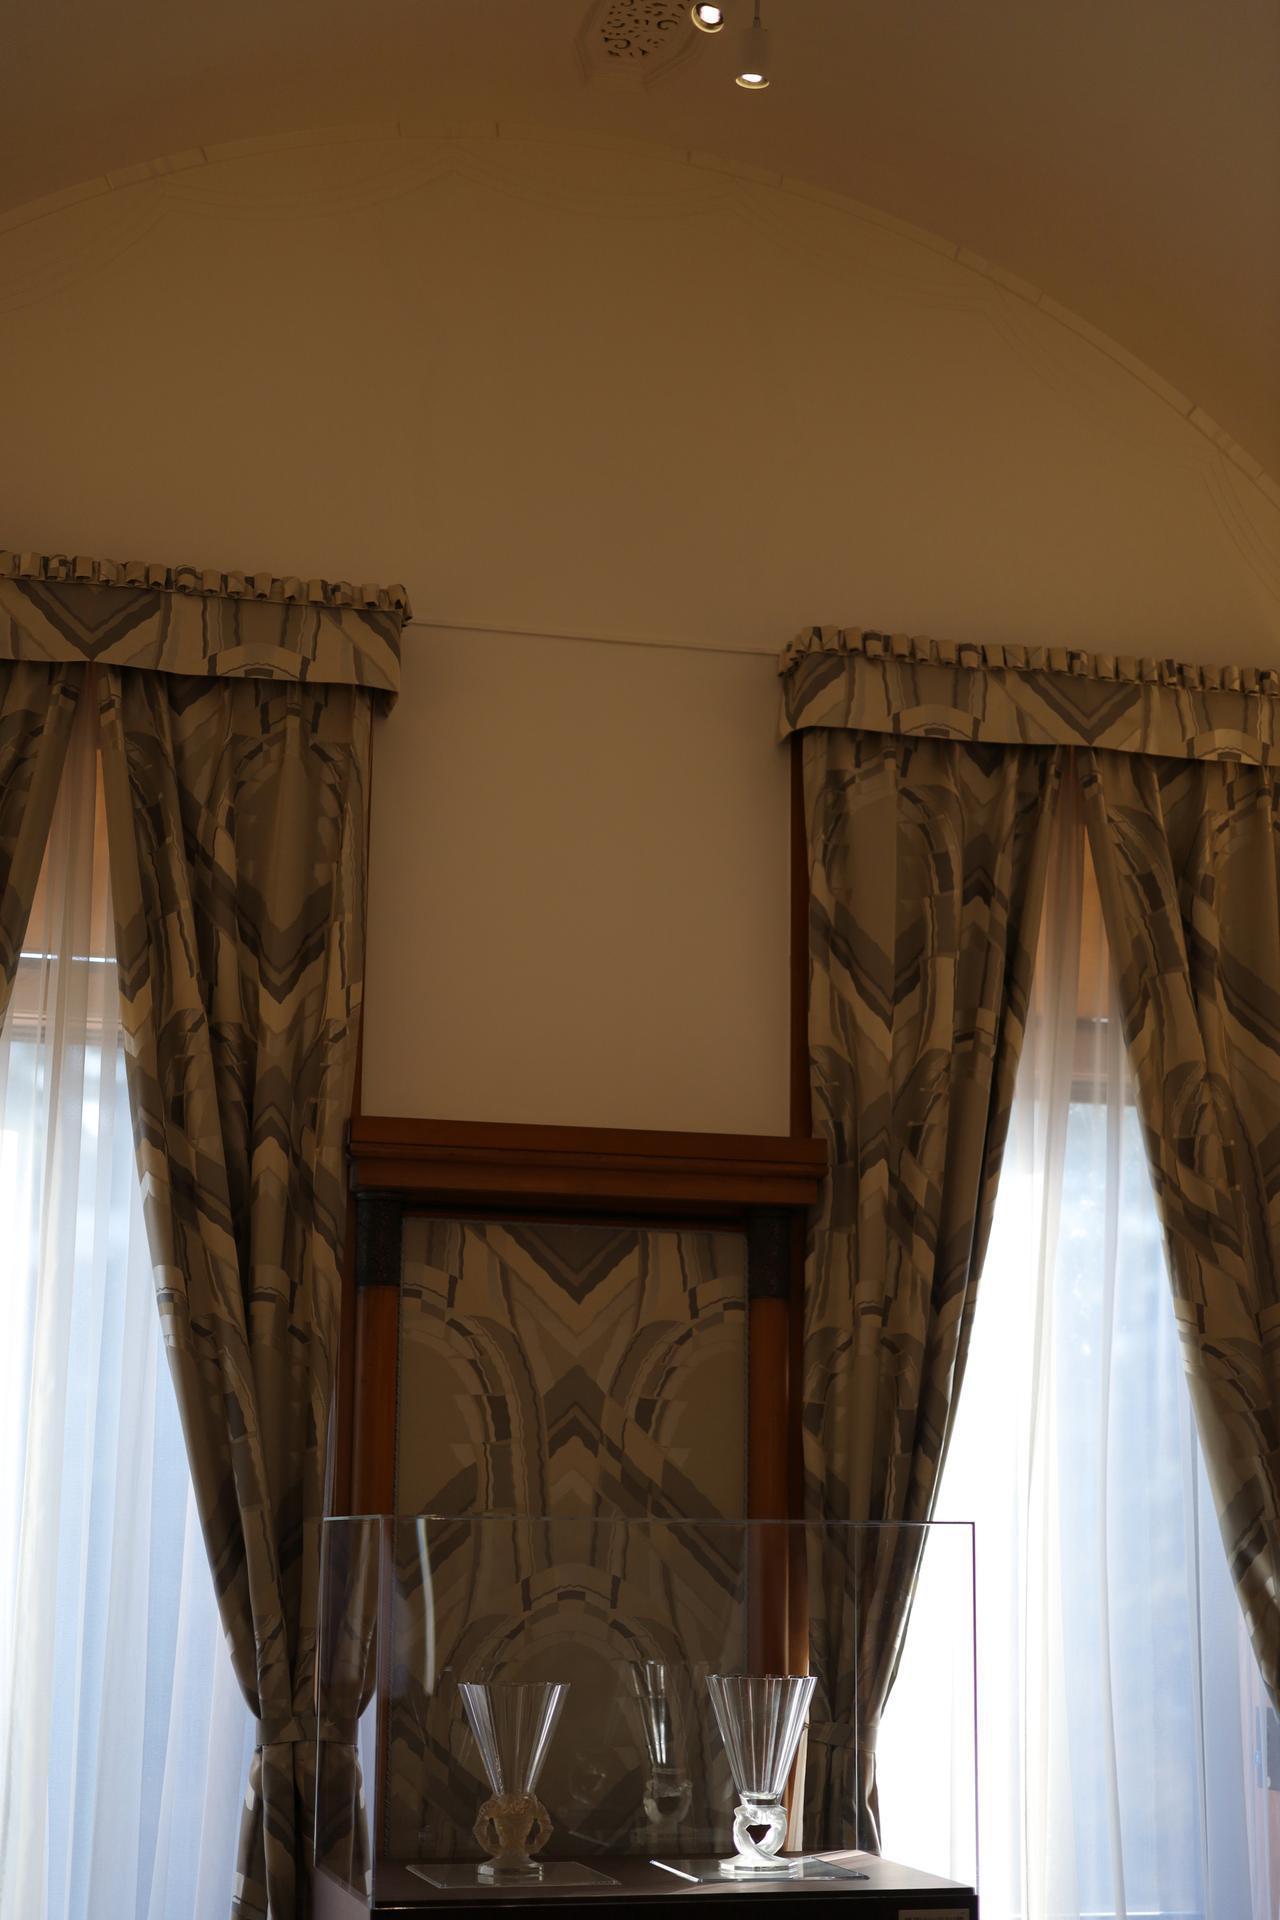 画像: ルネ・ラリック 花瓶「牧神」(左)「四人のシレーヌ」(右)共にカット装飾 1931年 北澤美術館蔵 アンリ・ラパン設計 旧朝香宮邸 殿下居間